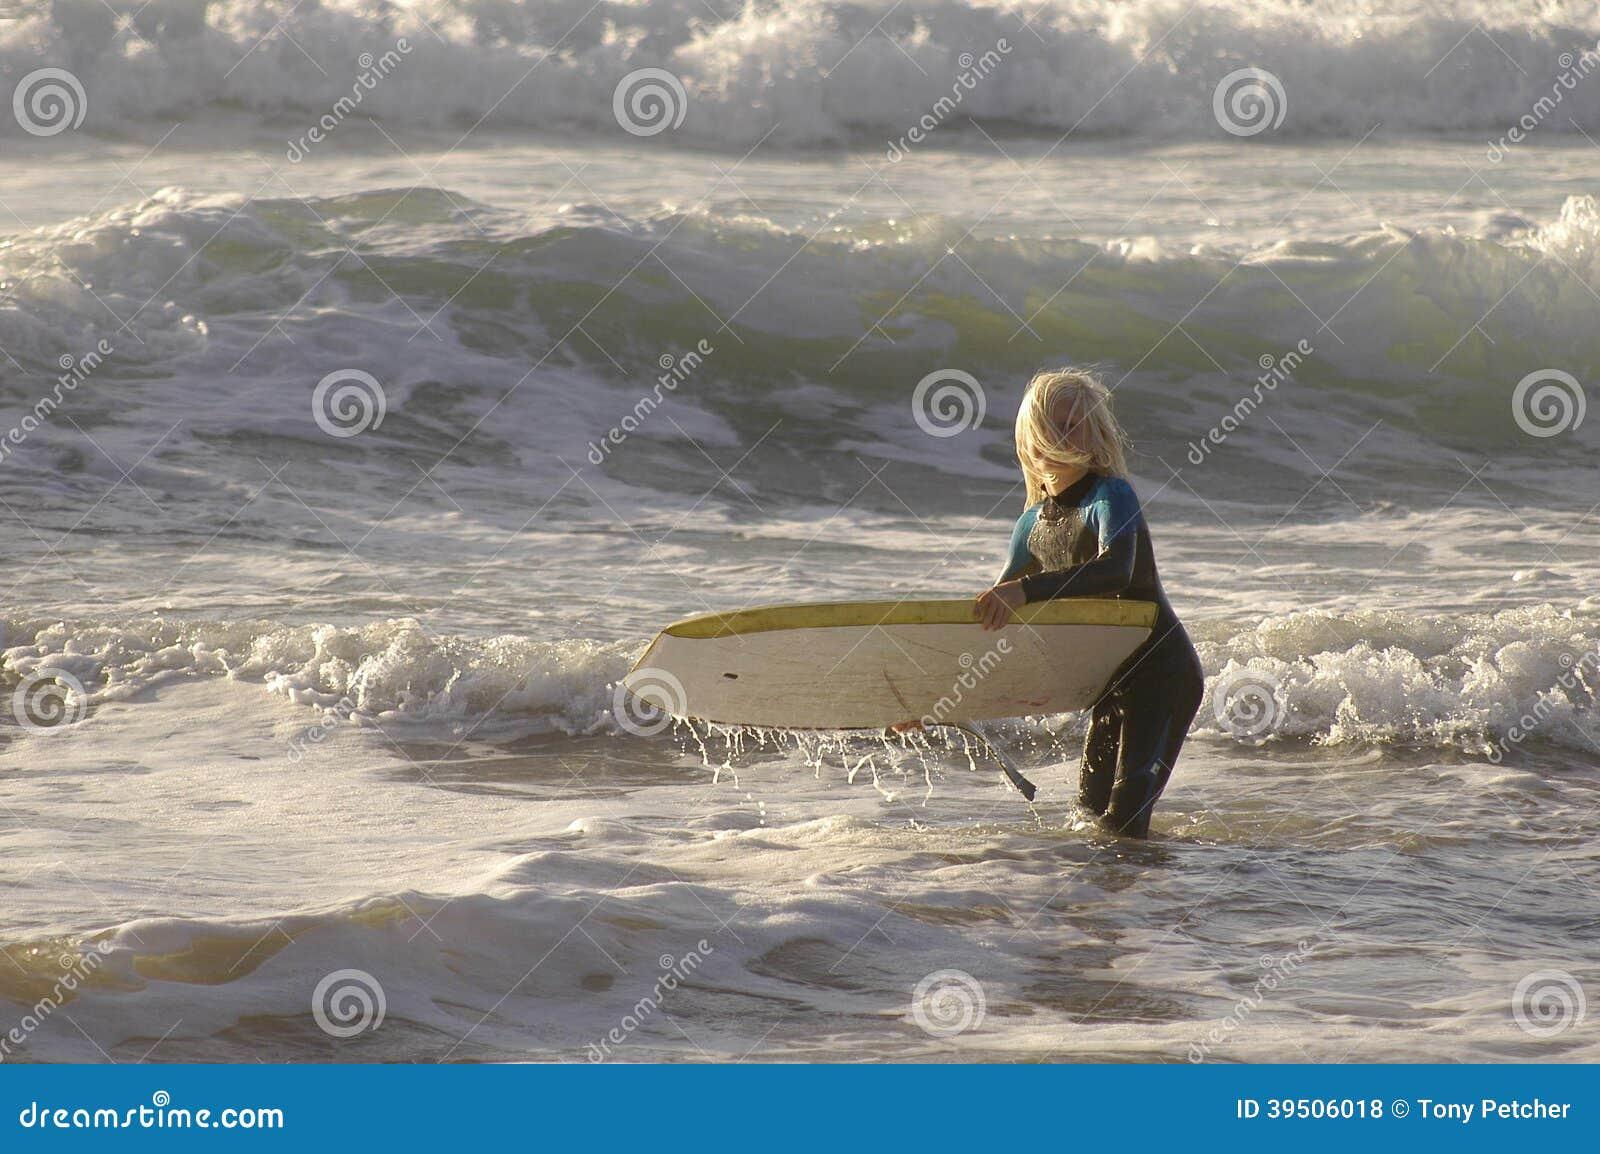 Surf Body Board Boy